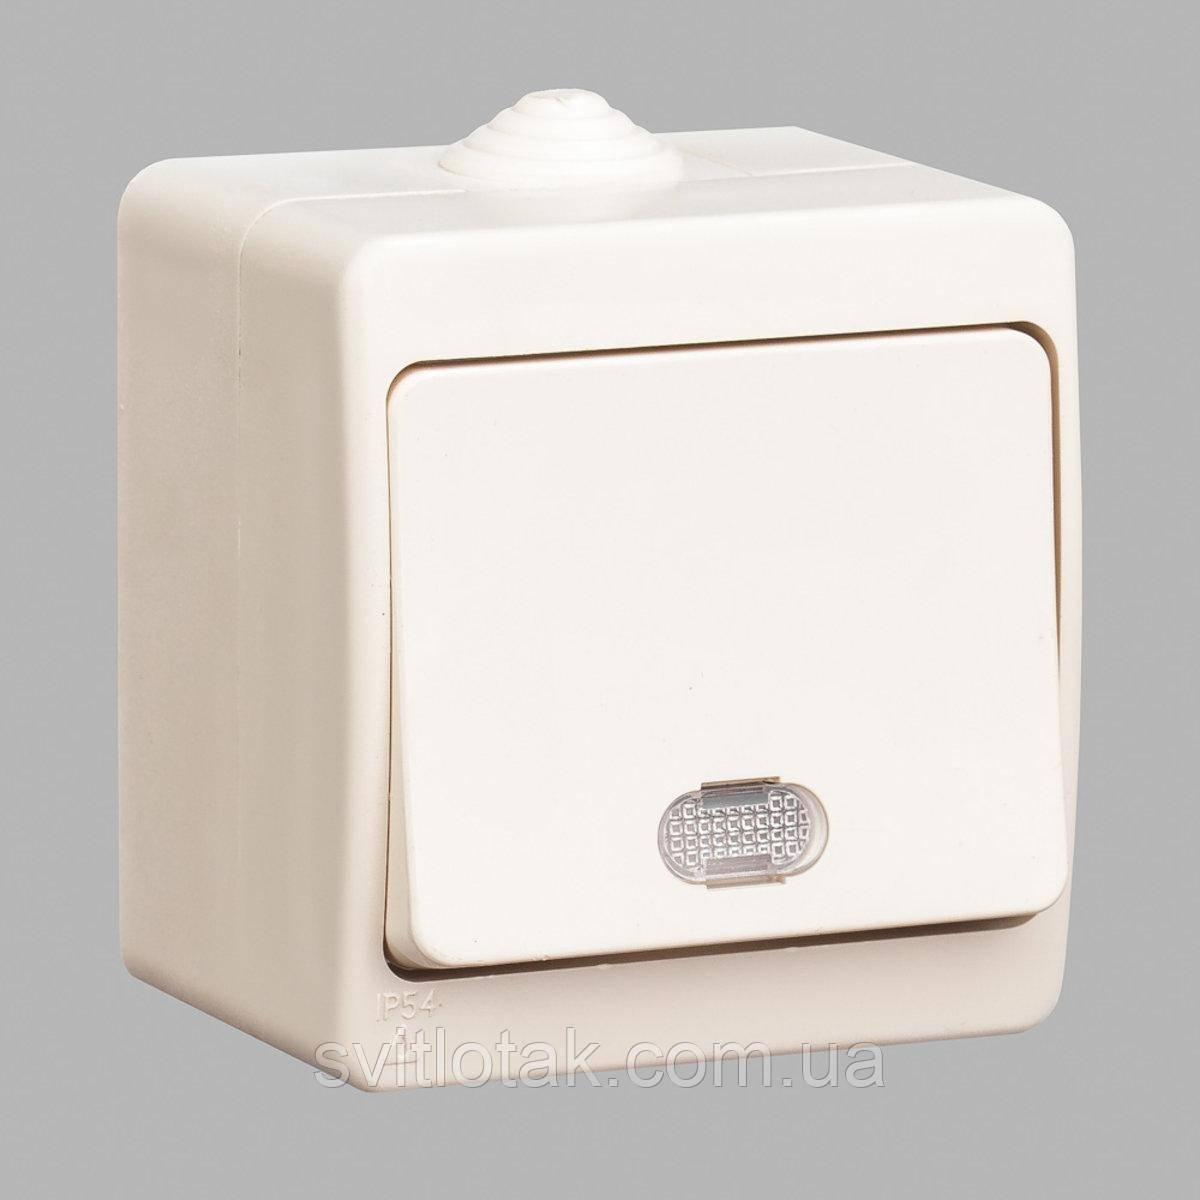 Nemli выключатель 1-ый с подсветкой влагозащищенный кремовый